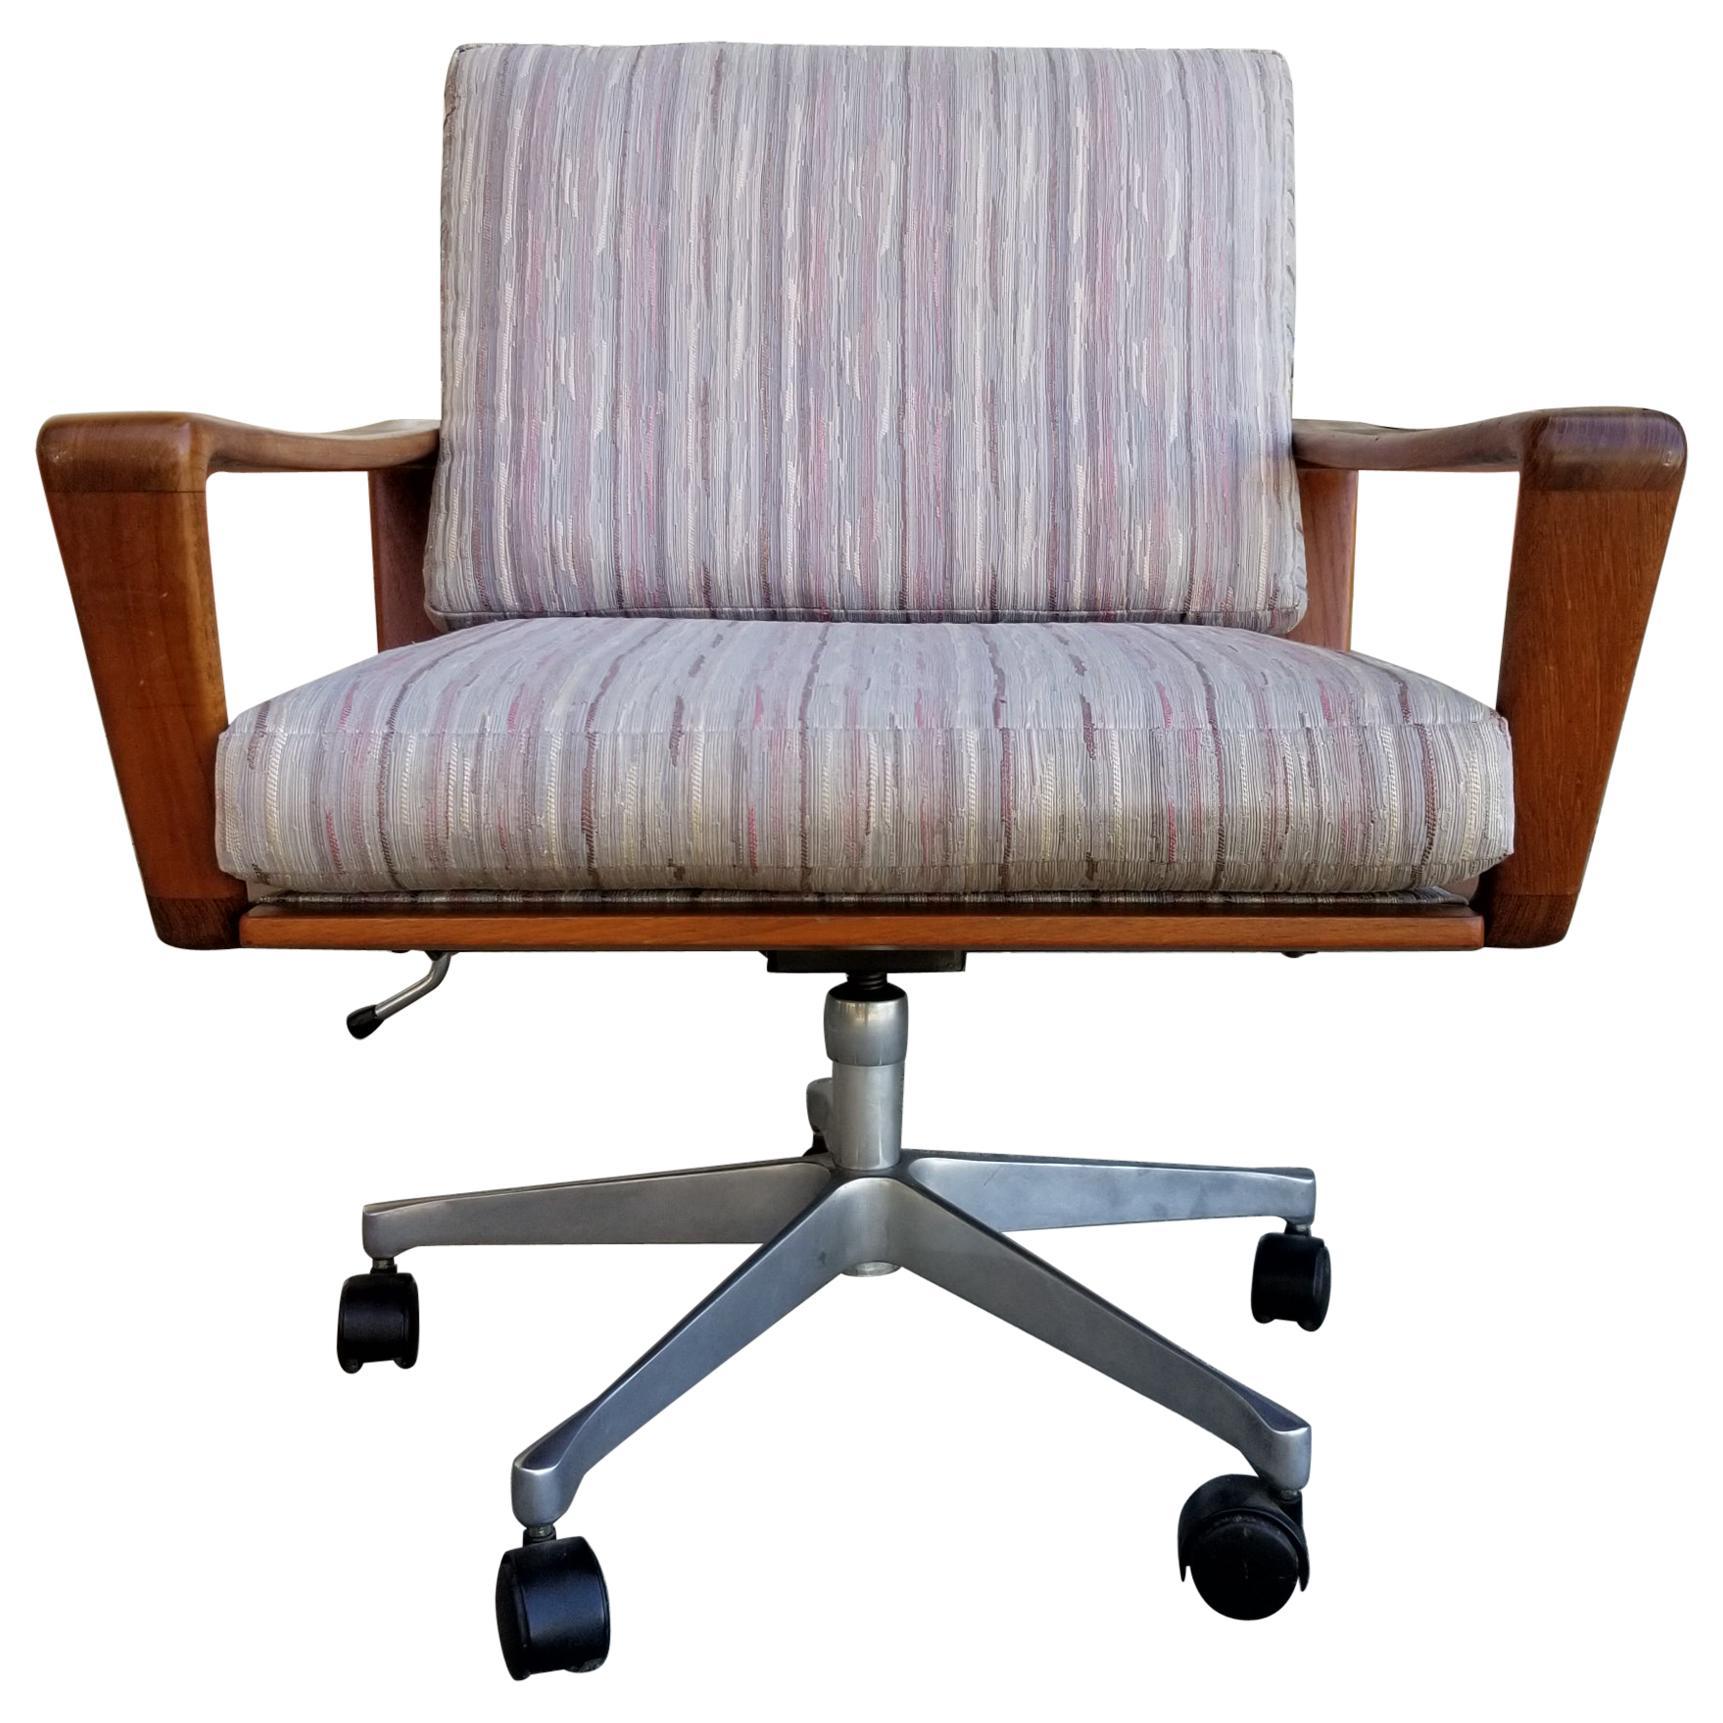 Teak Swivel Desk or Office Chair by Komfort